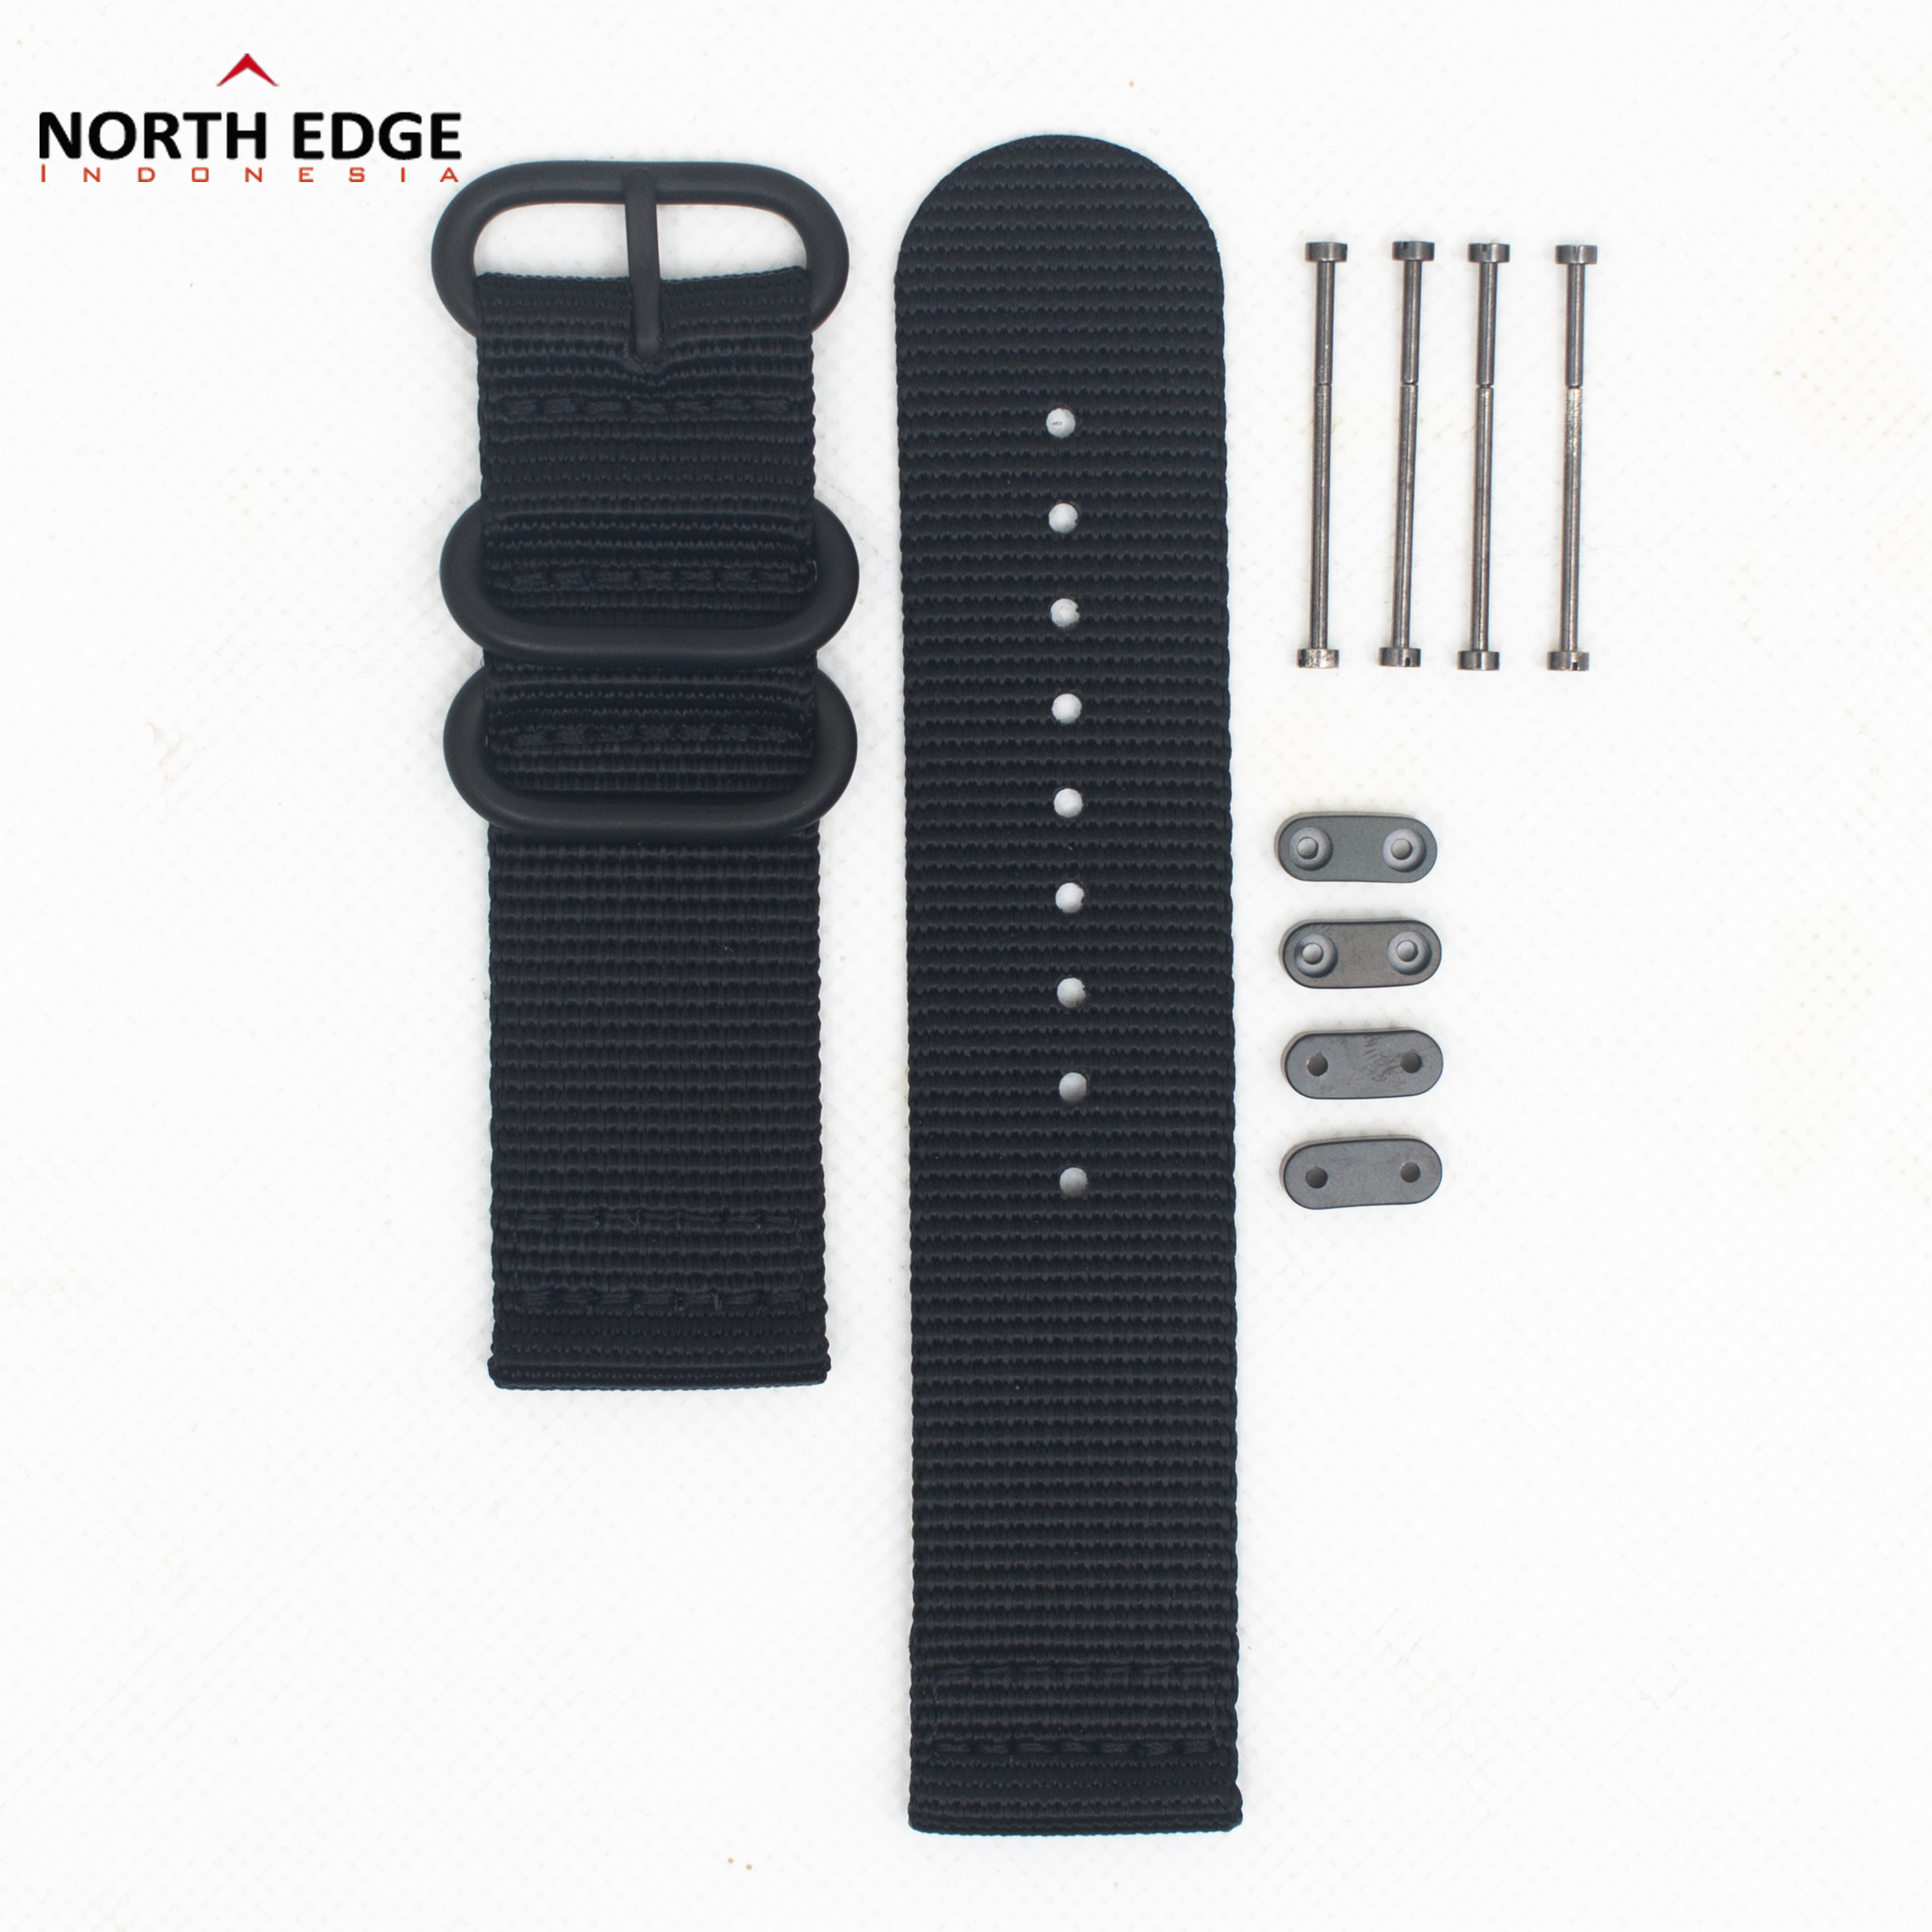 strap-black-1